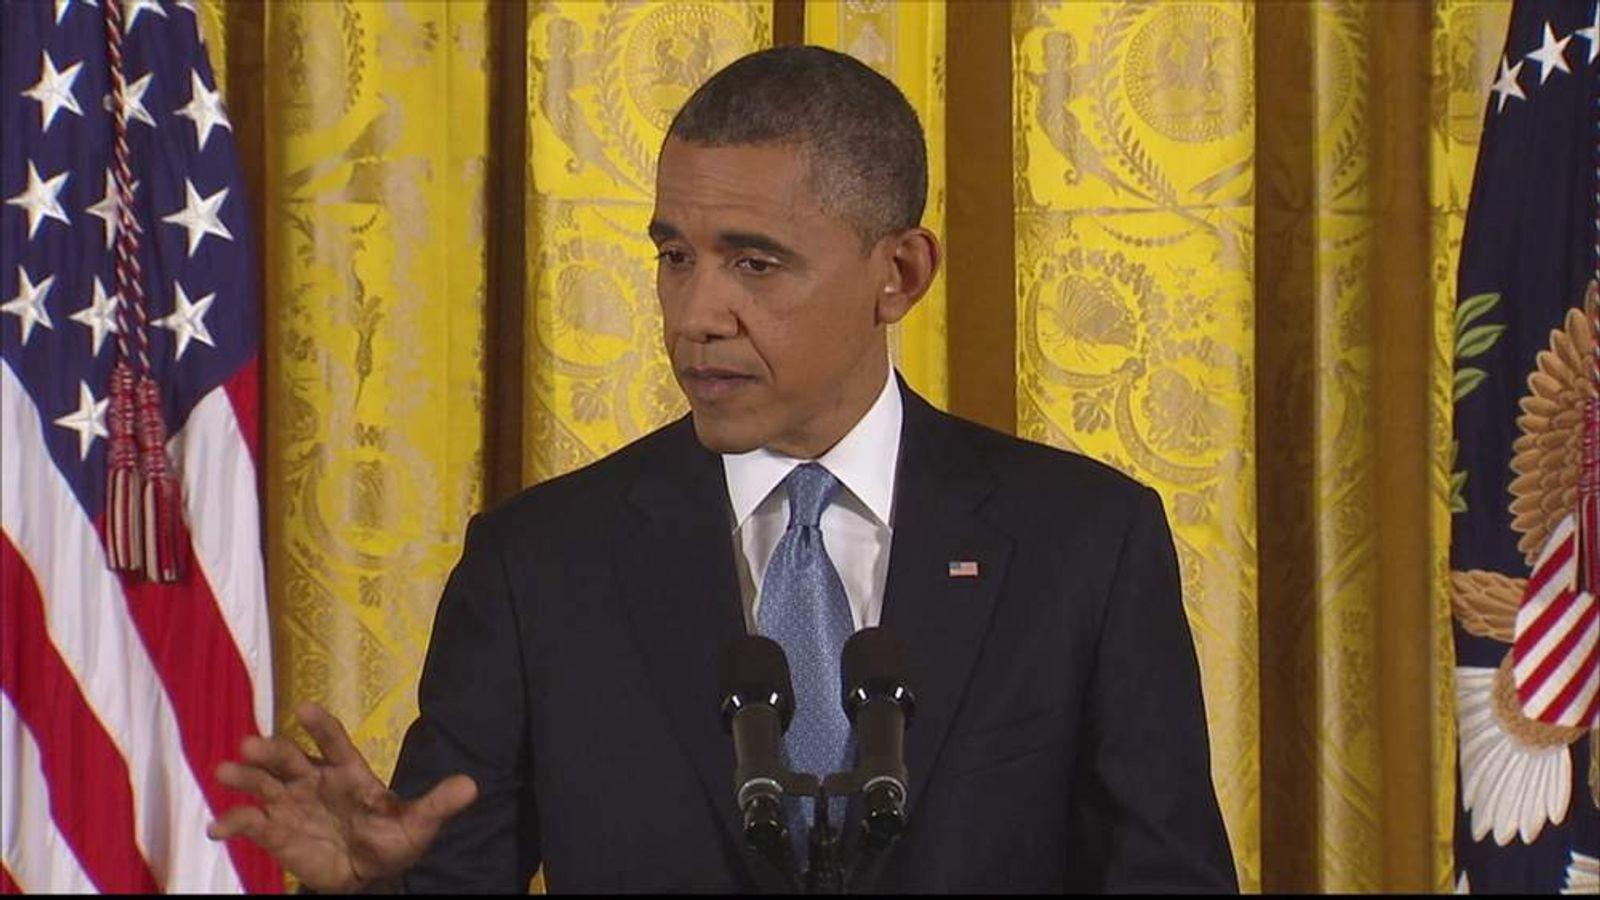 Obama on Petraeus